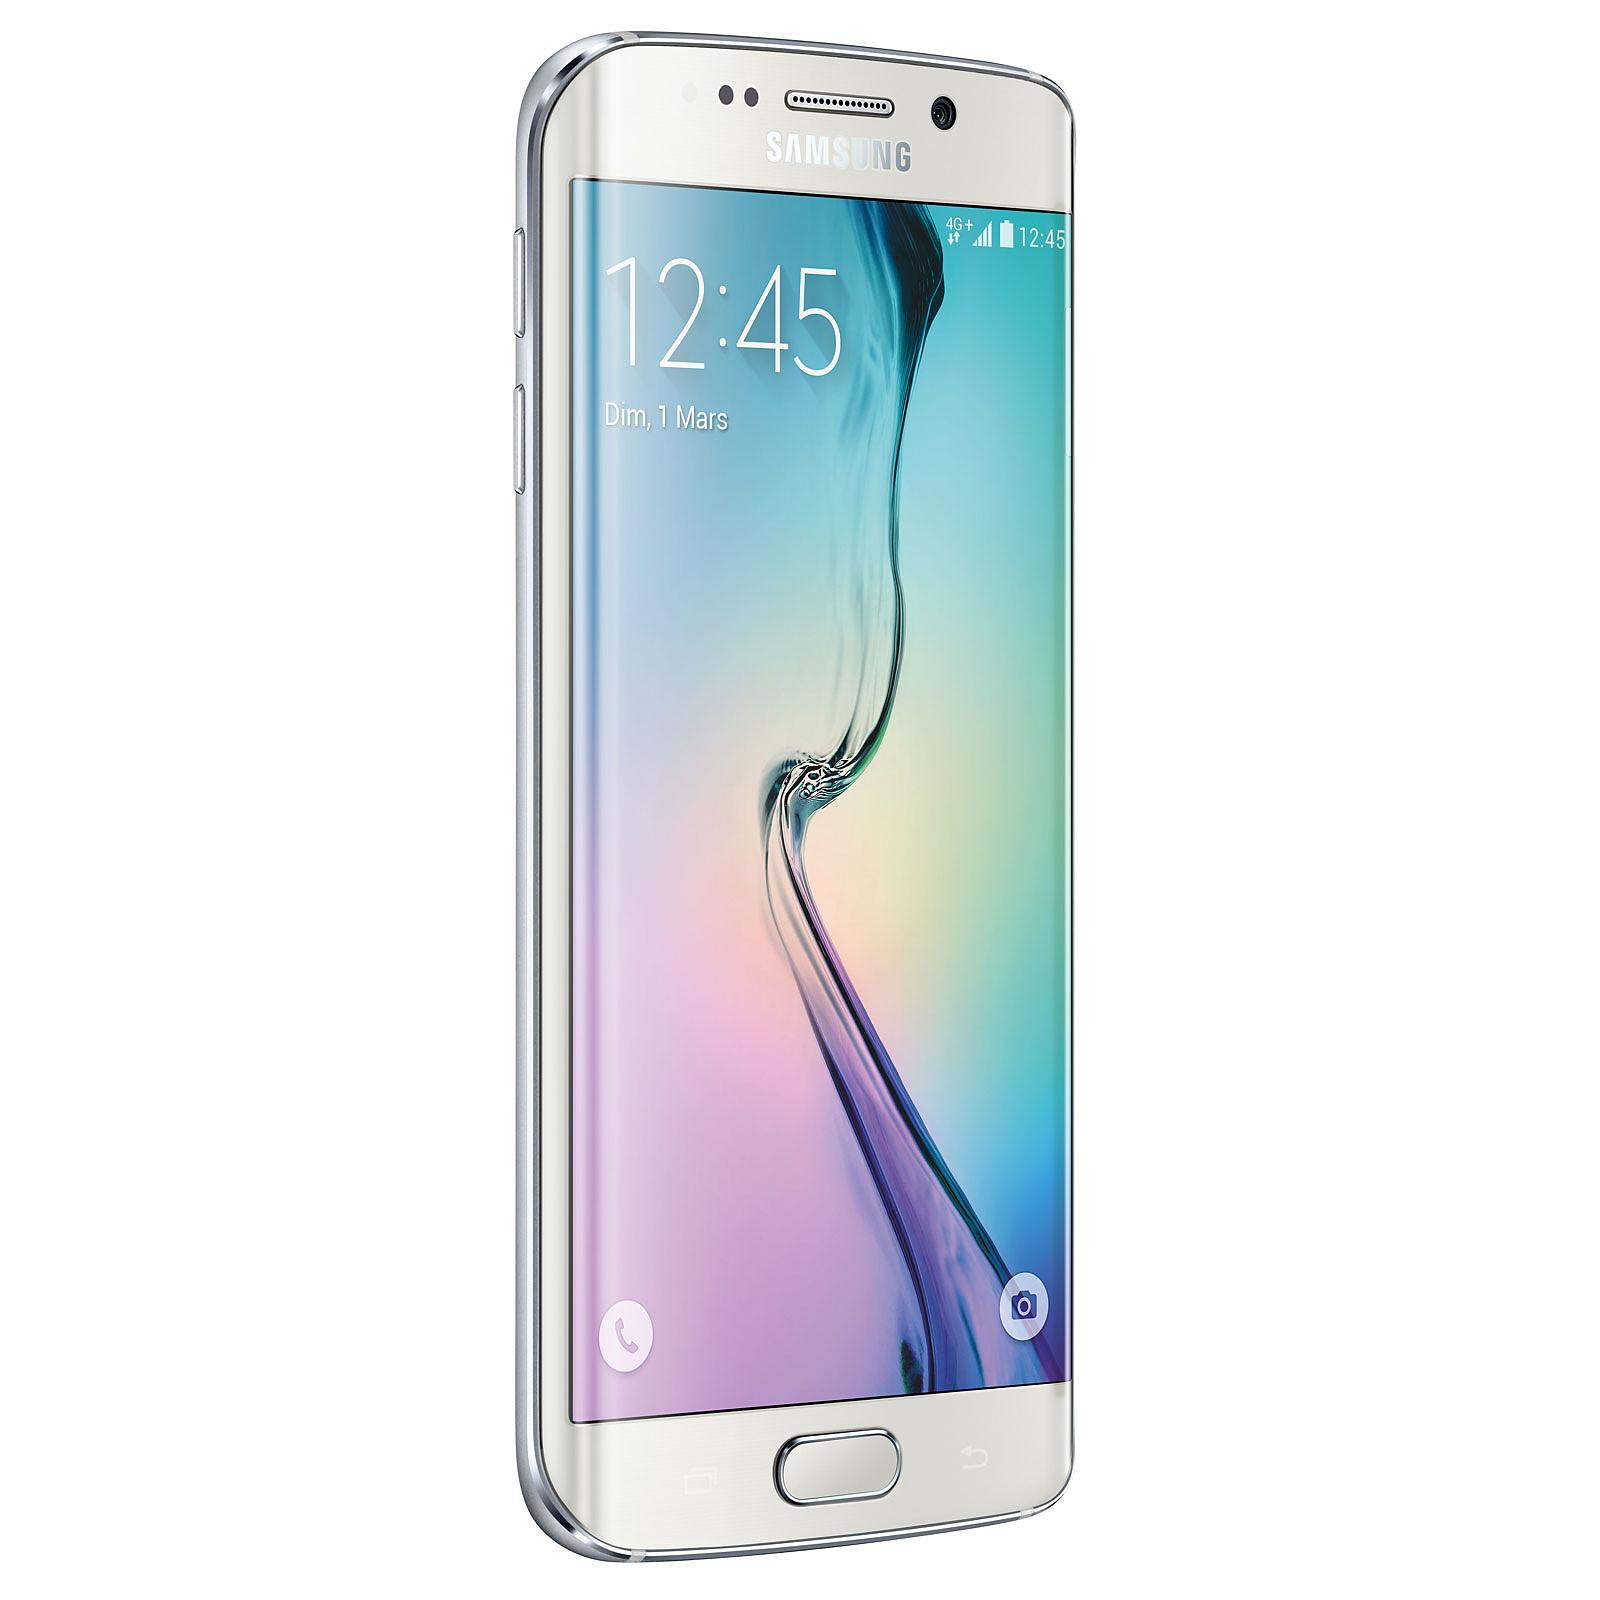 Samsung Galaxy S6 Edge SM-G925F Blanc 64 Go